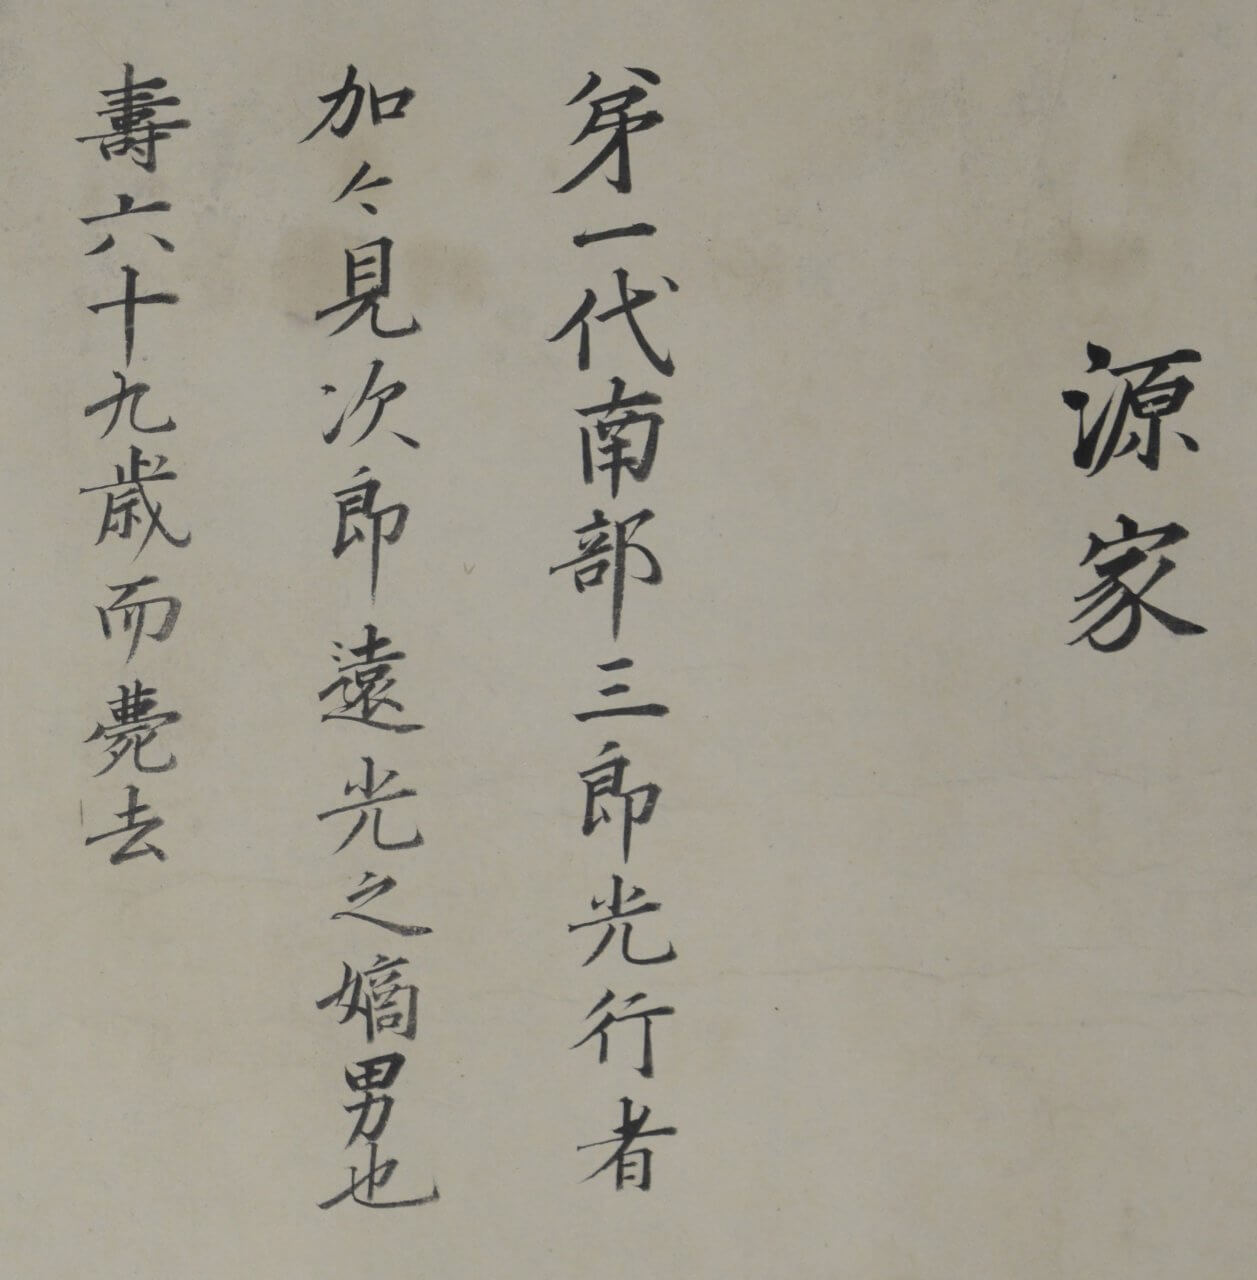 南部家歴代当主画像(江戸時代、部分)